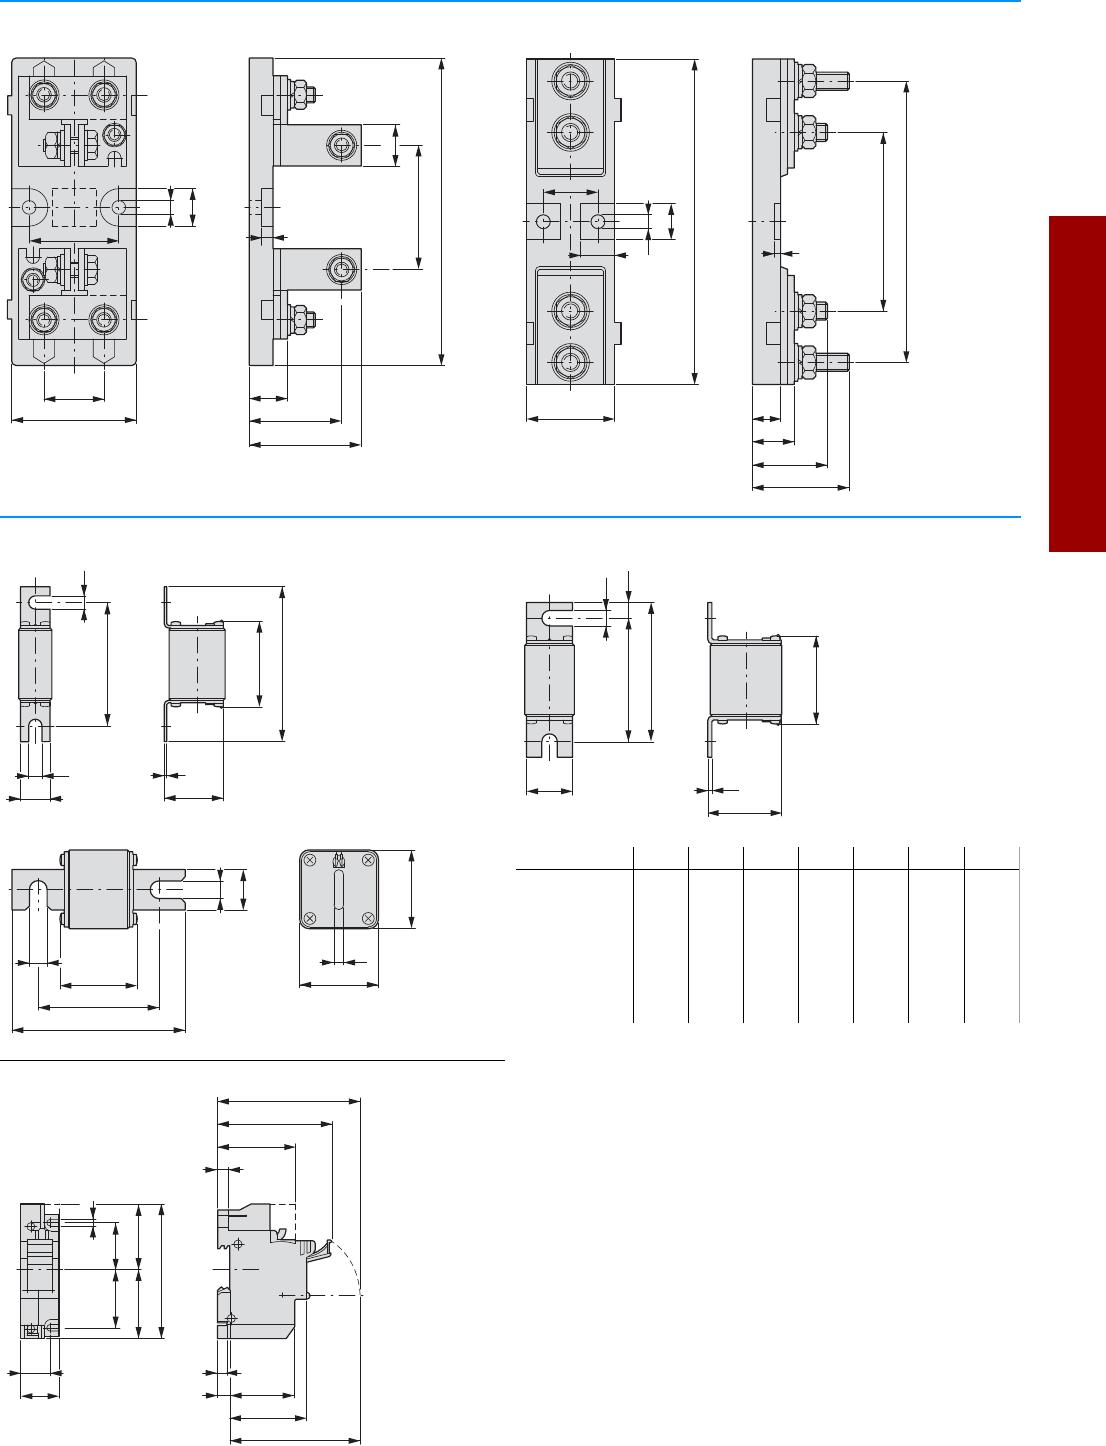 Product Range Catalog Ca04020001z En Int 1000379728 1 Tv Remote Control Circuit Diagram Controlcircuit Soft Starters Ds7